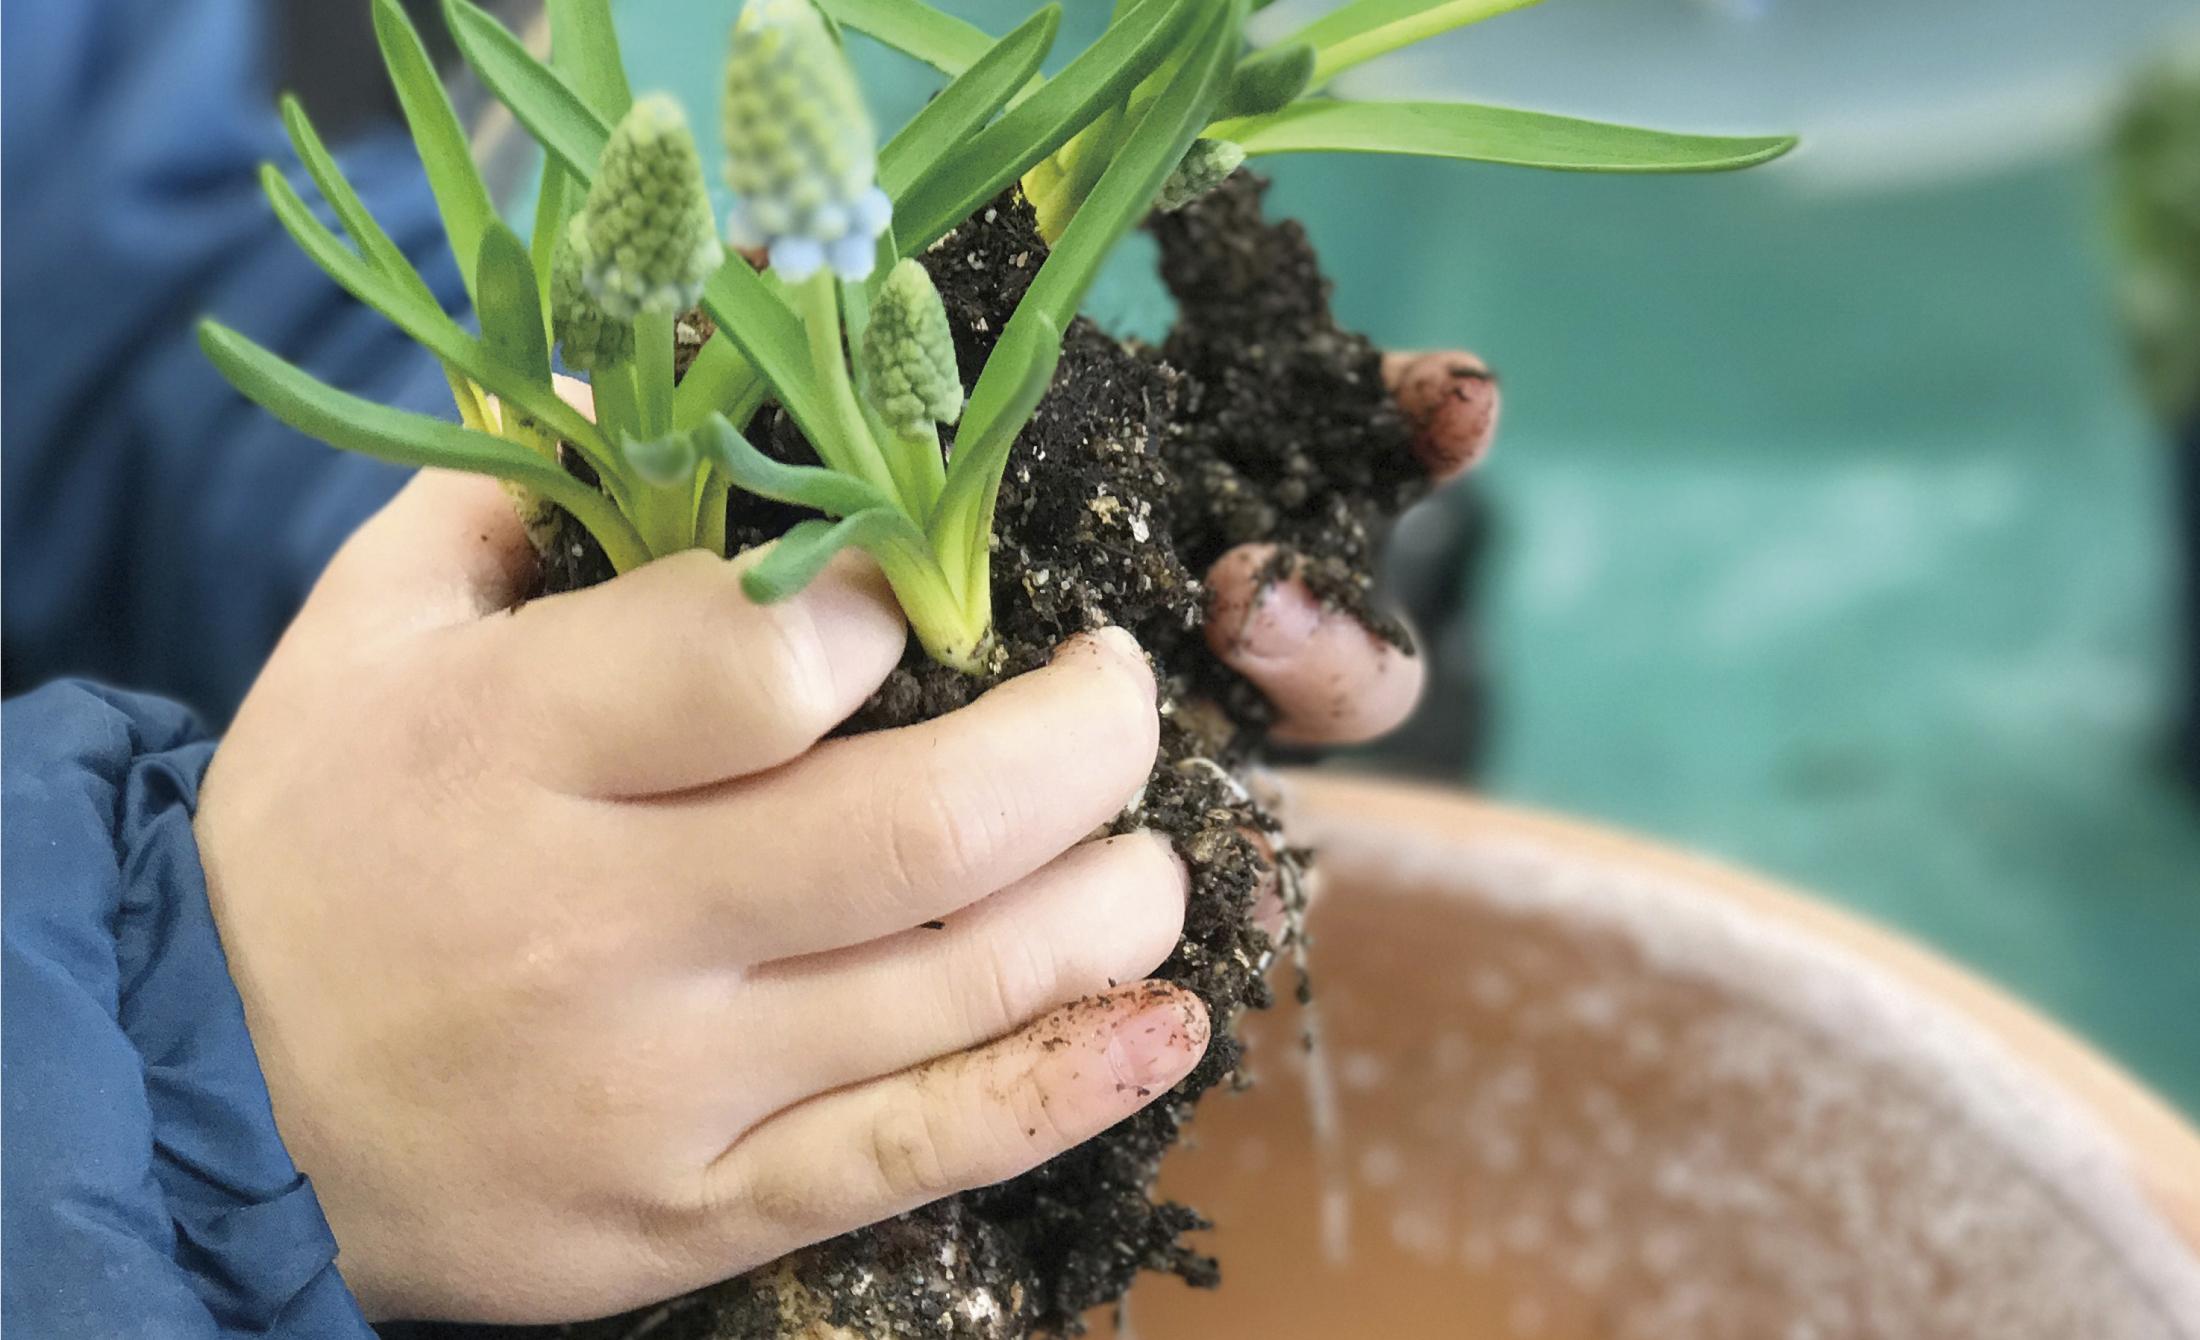 庭育 自然といっしょの未来を、子供達とつくる